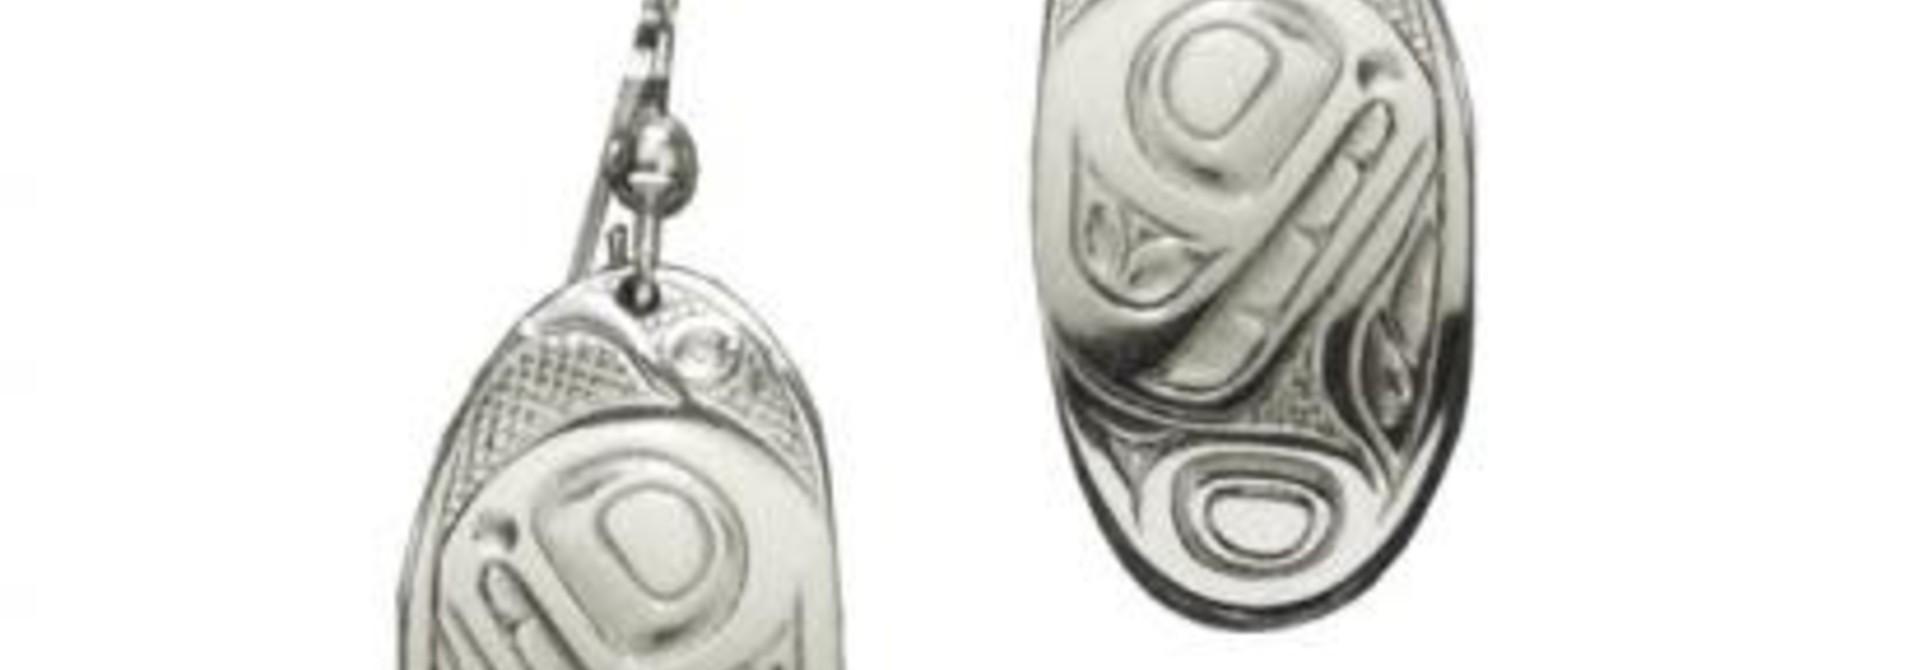 Silver Pewter Oval Orca Earrings by Bill Helin